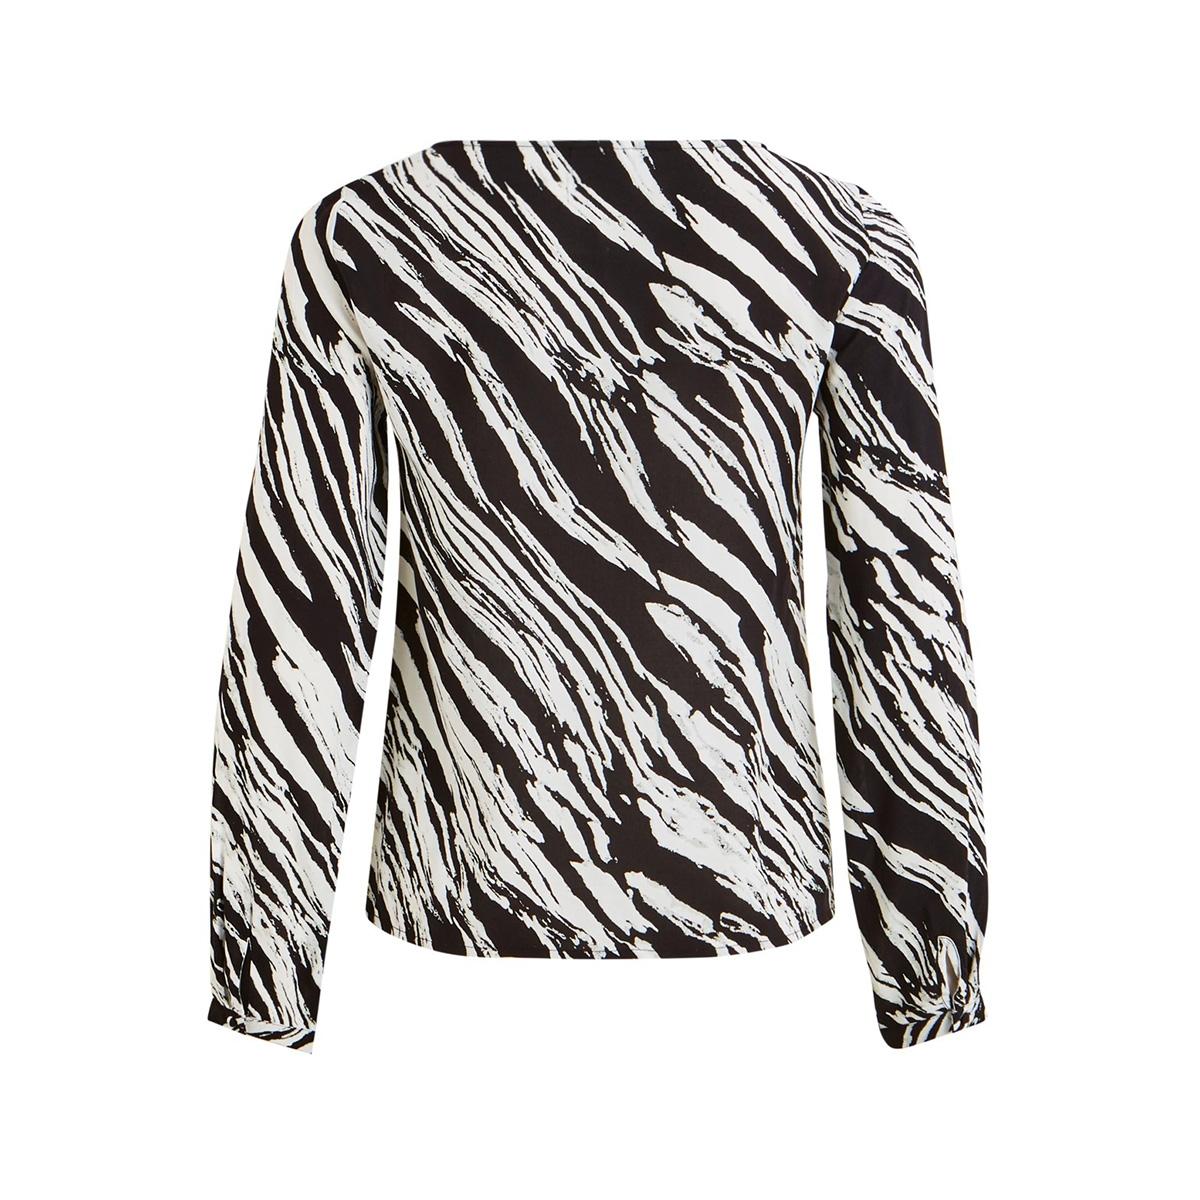 vimamilda l/s top /su 14056756 vila blouse black/zebra